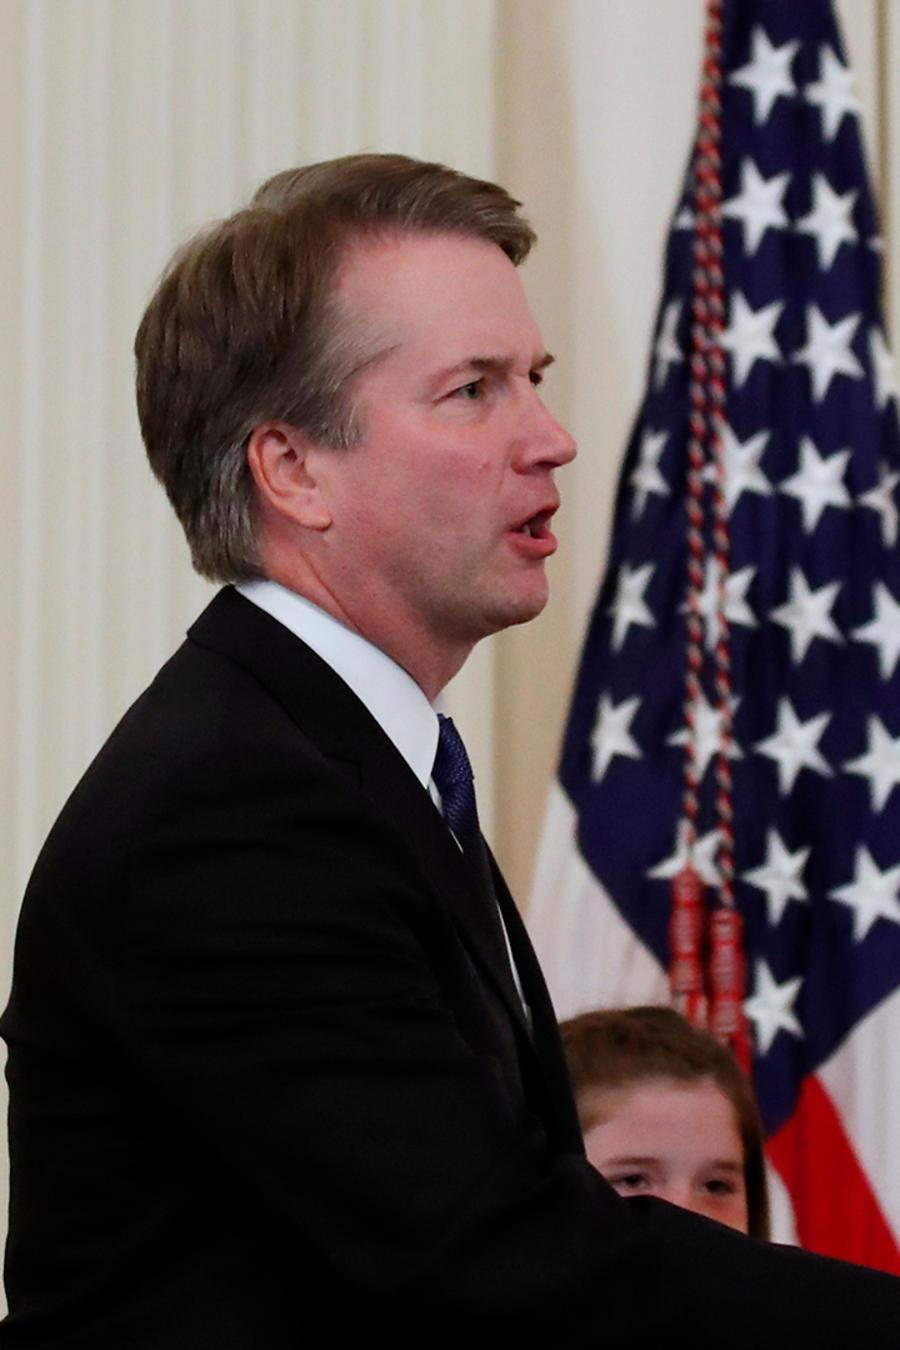 Trump le da la mano a su nominado a la Corte Suprema, Brett Kavanaugh, en la Casa Blanca el 9 de julio de 2018